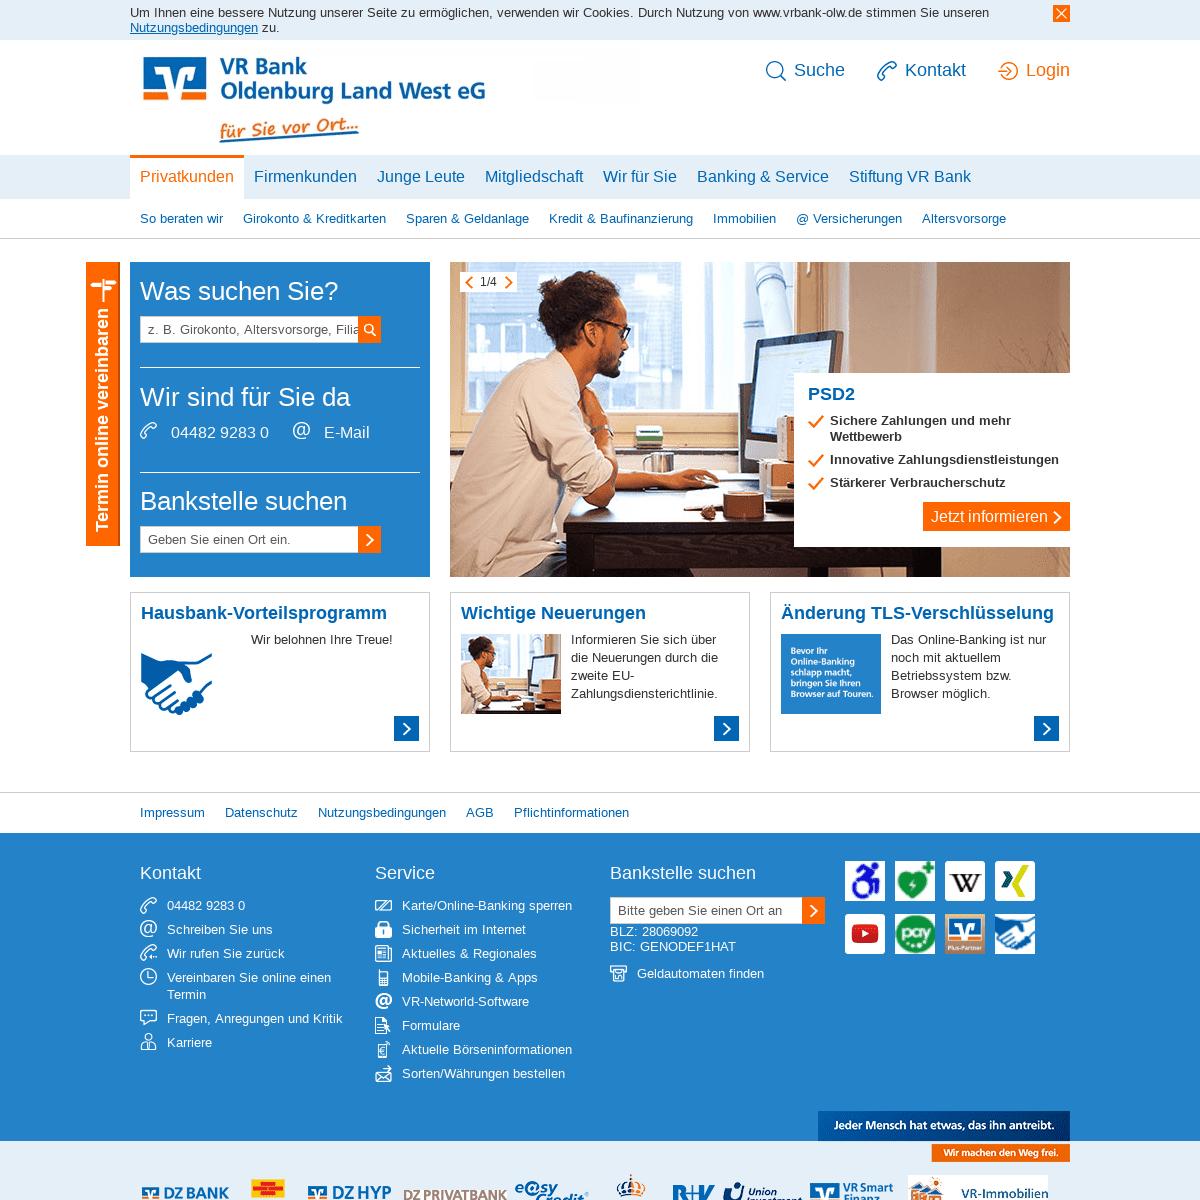 Privatkunden Vr Bank Oldenburg Land West Eg Vrbank Olw De Citation Archivebay Com